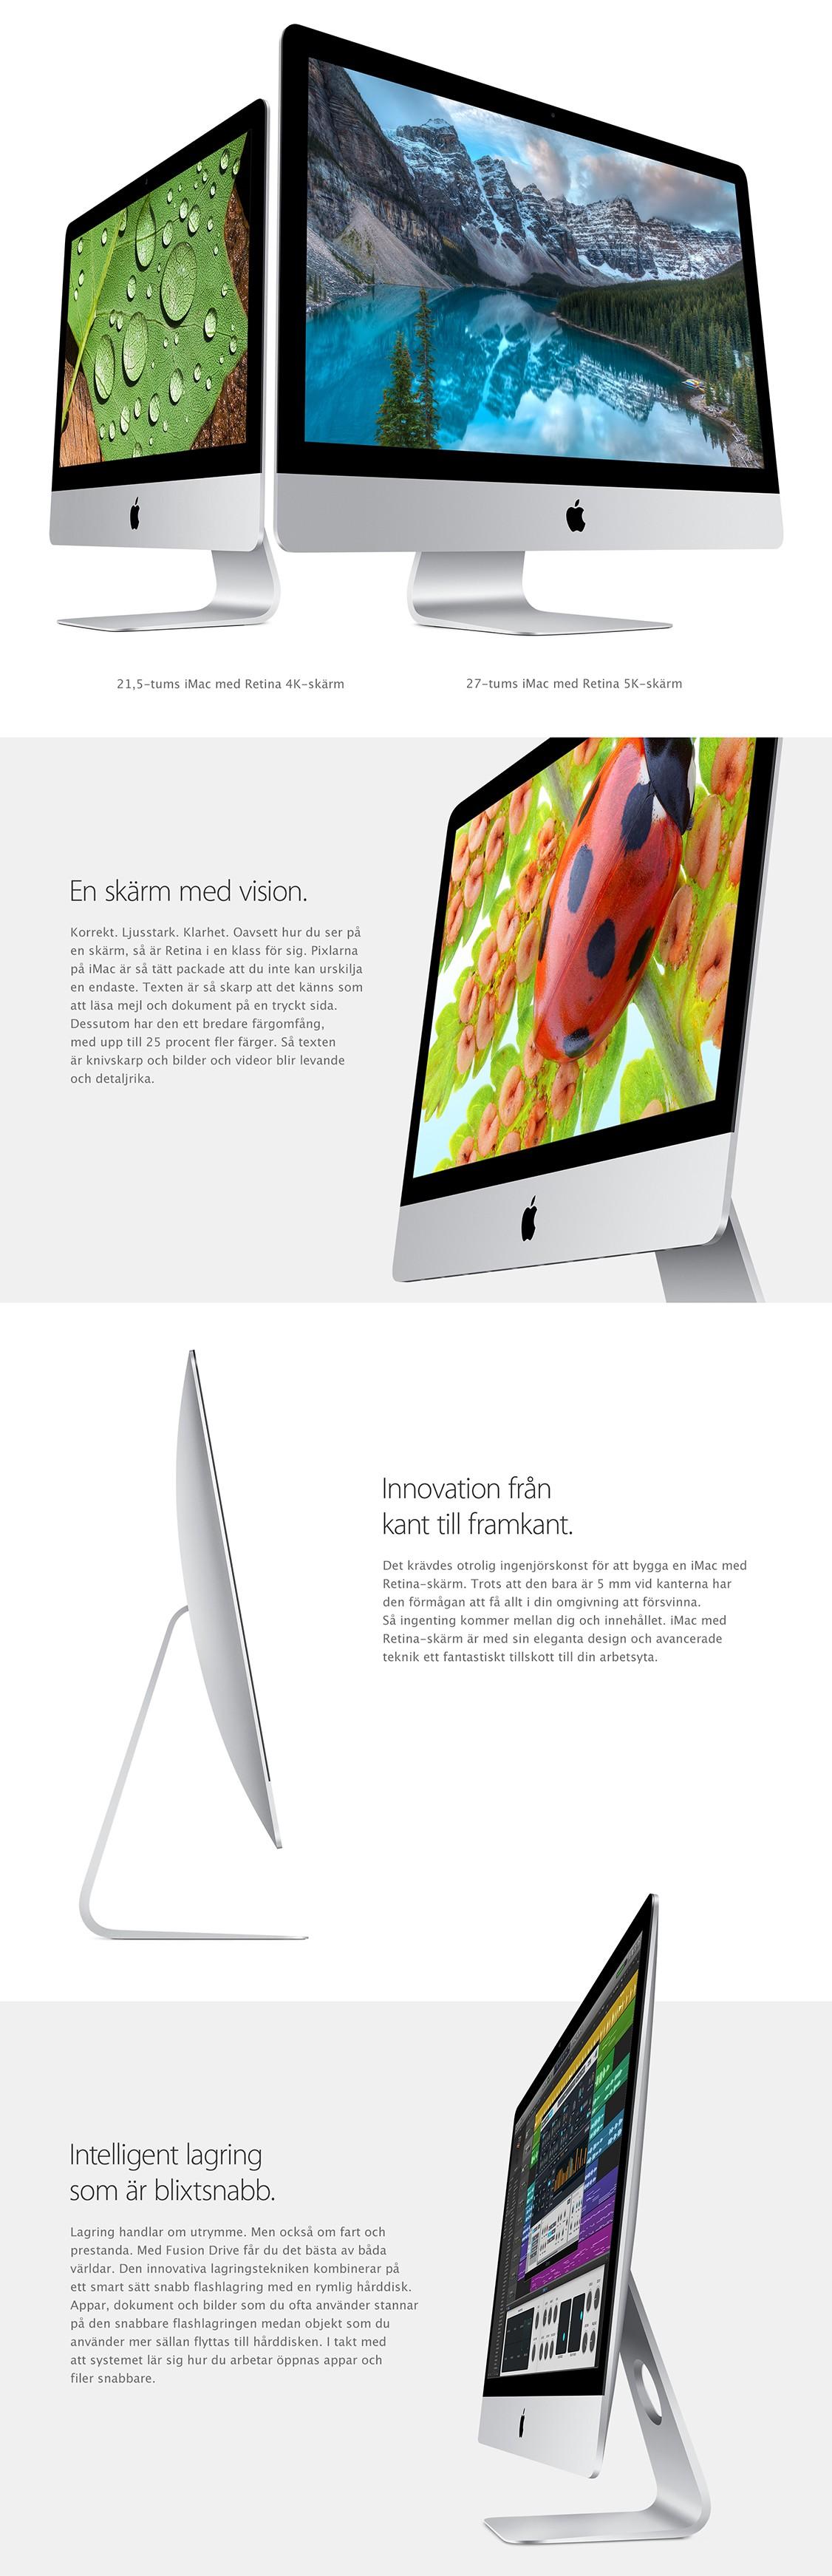 iMac är utrustad med en Retina-skärm av yppersta klass